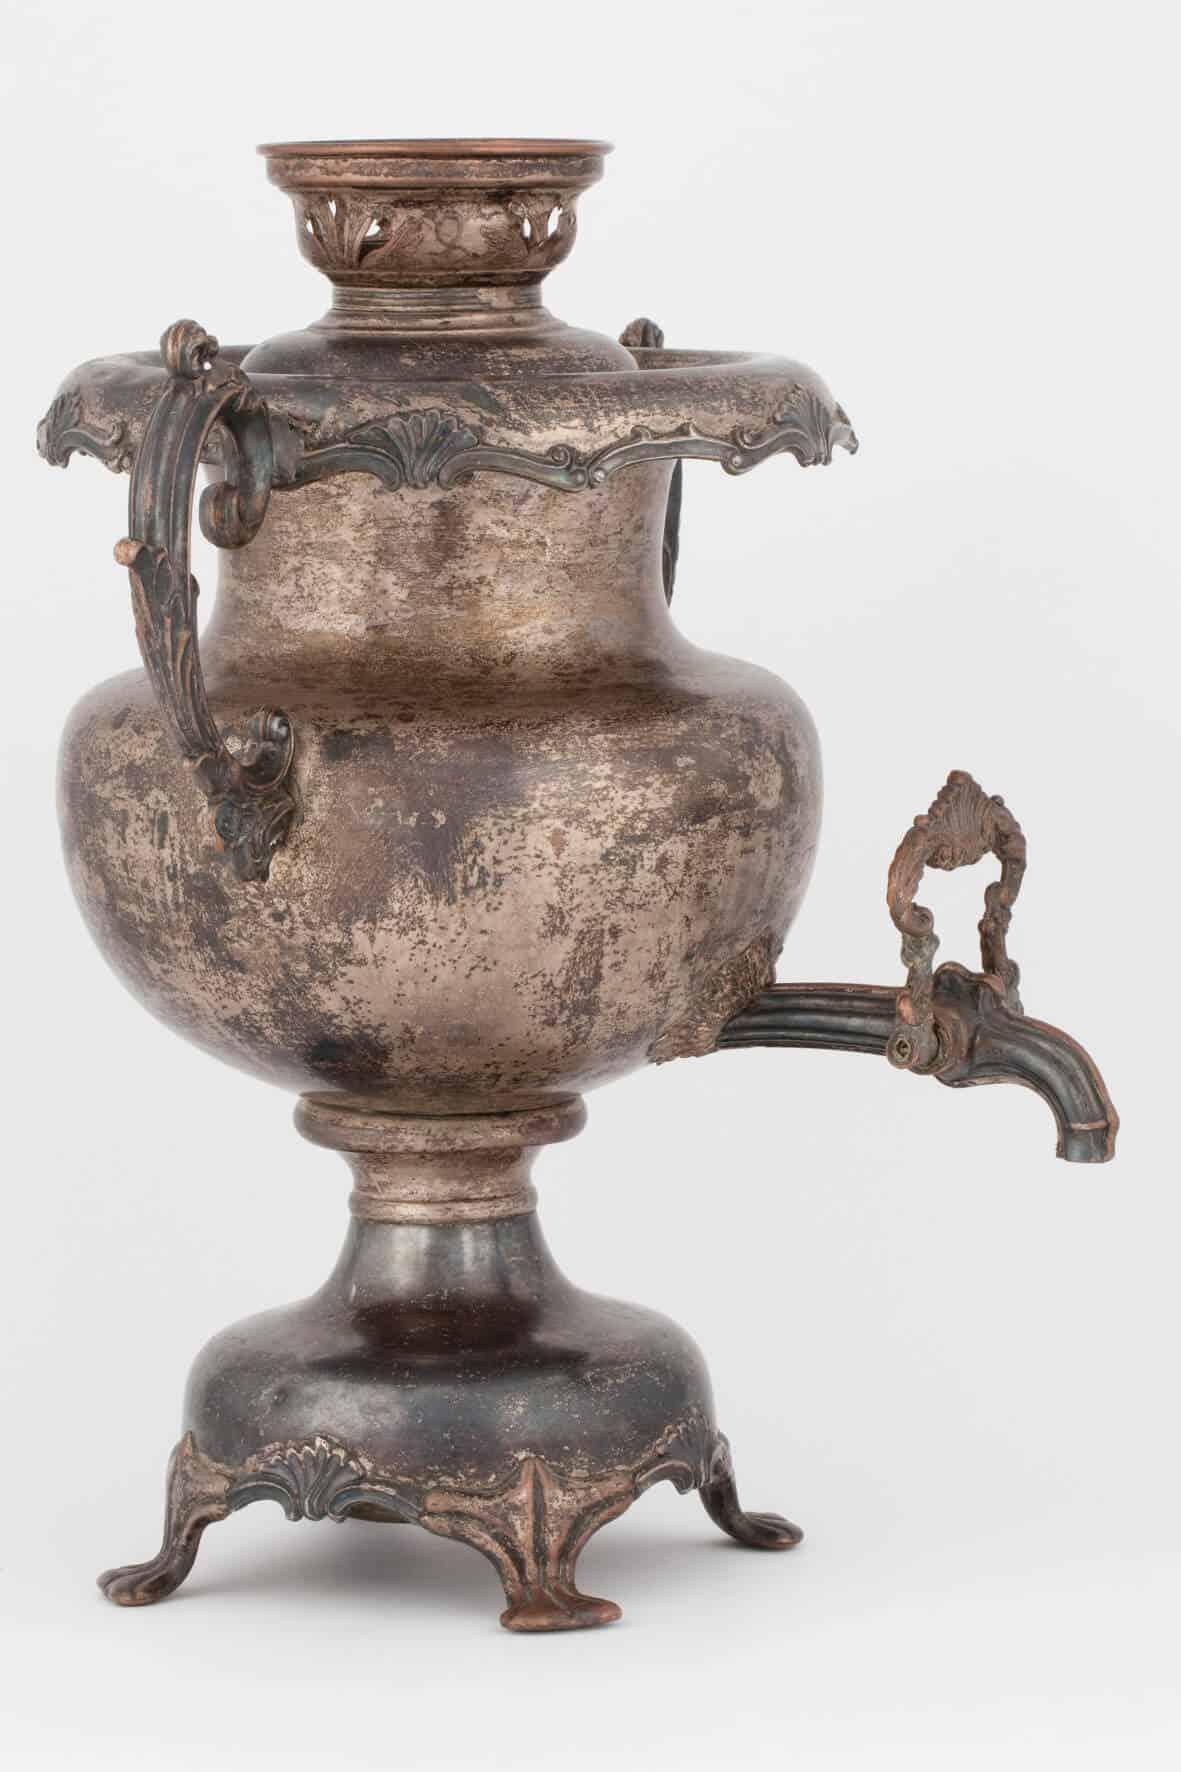 КБ 459 | Самовар-ваза с серебряным бордюром | Музей самоваров и бульоток